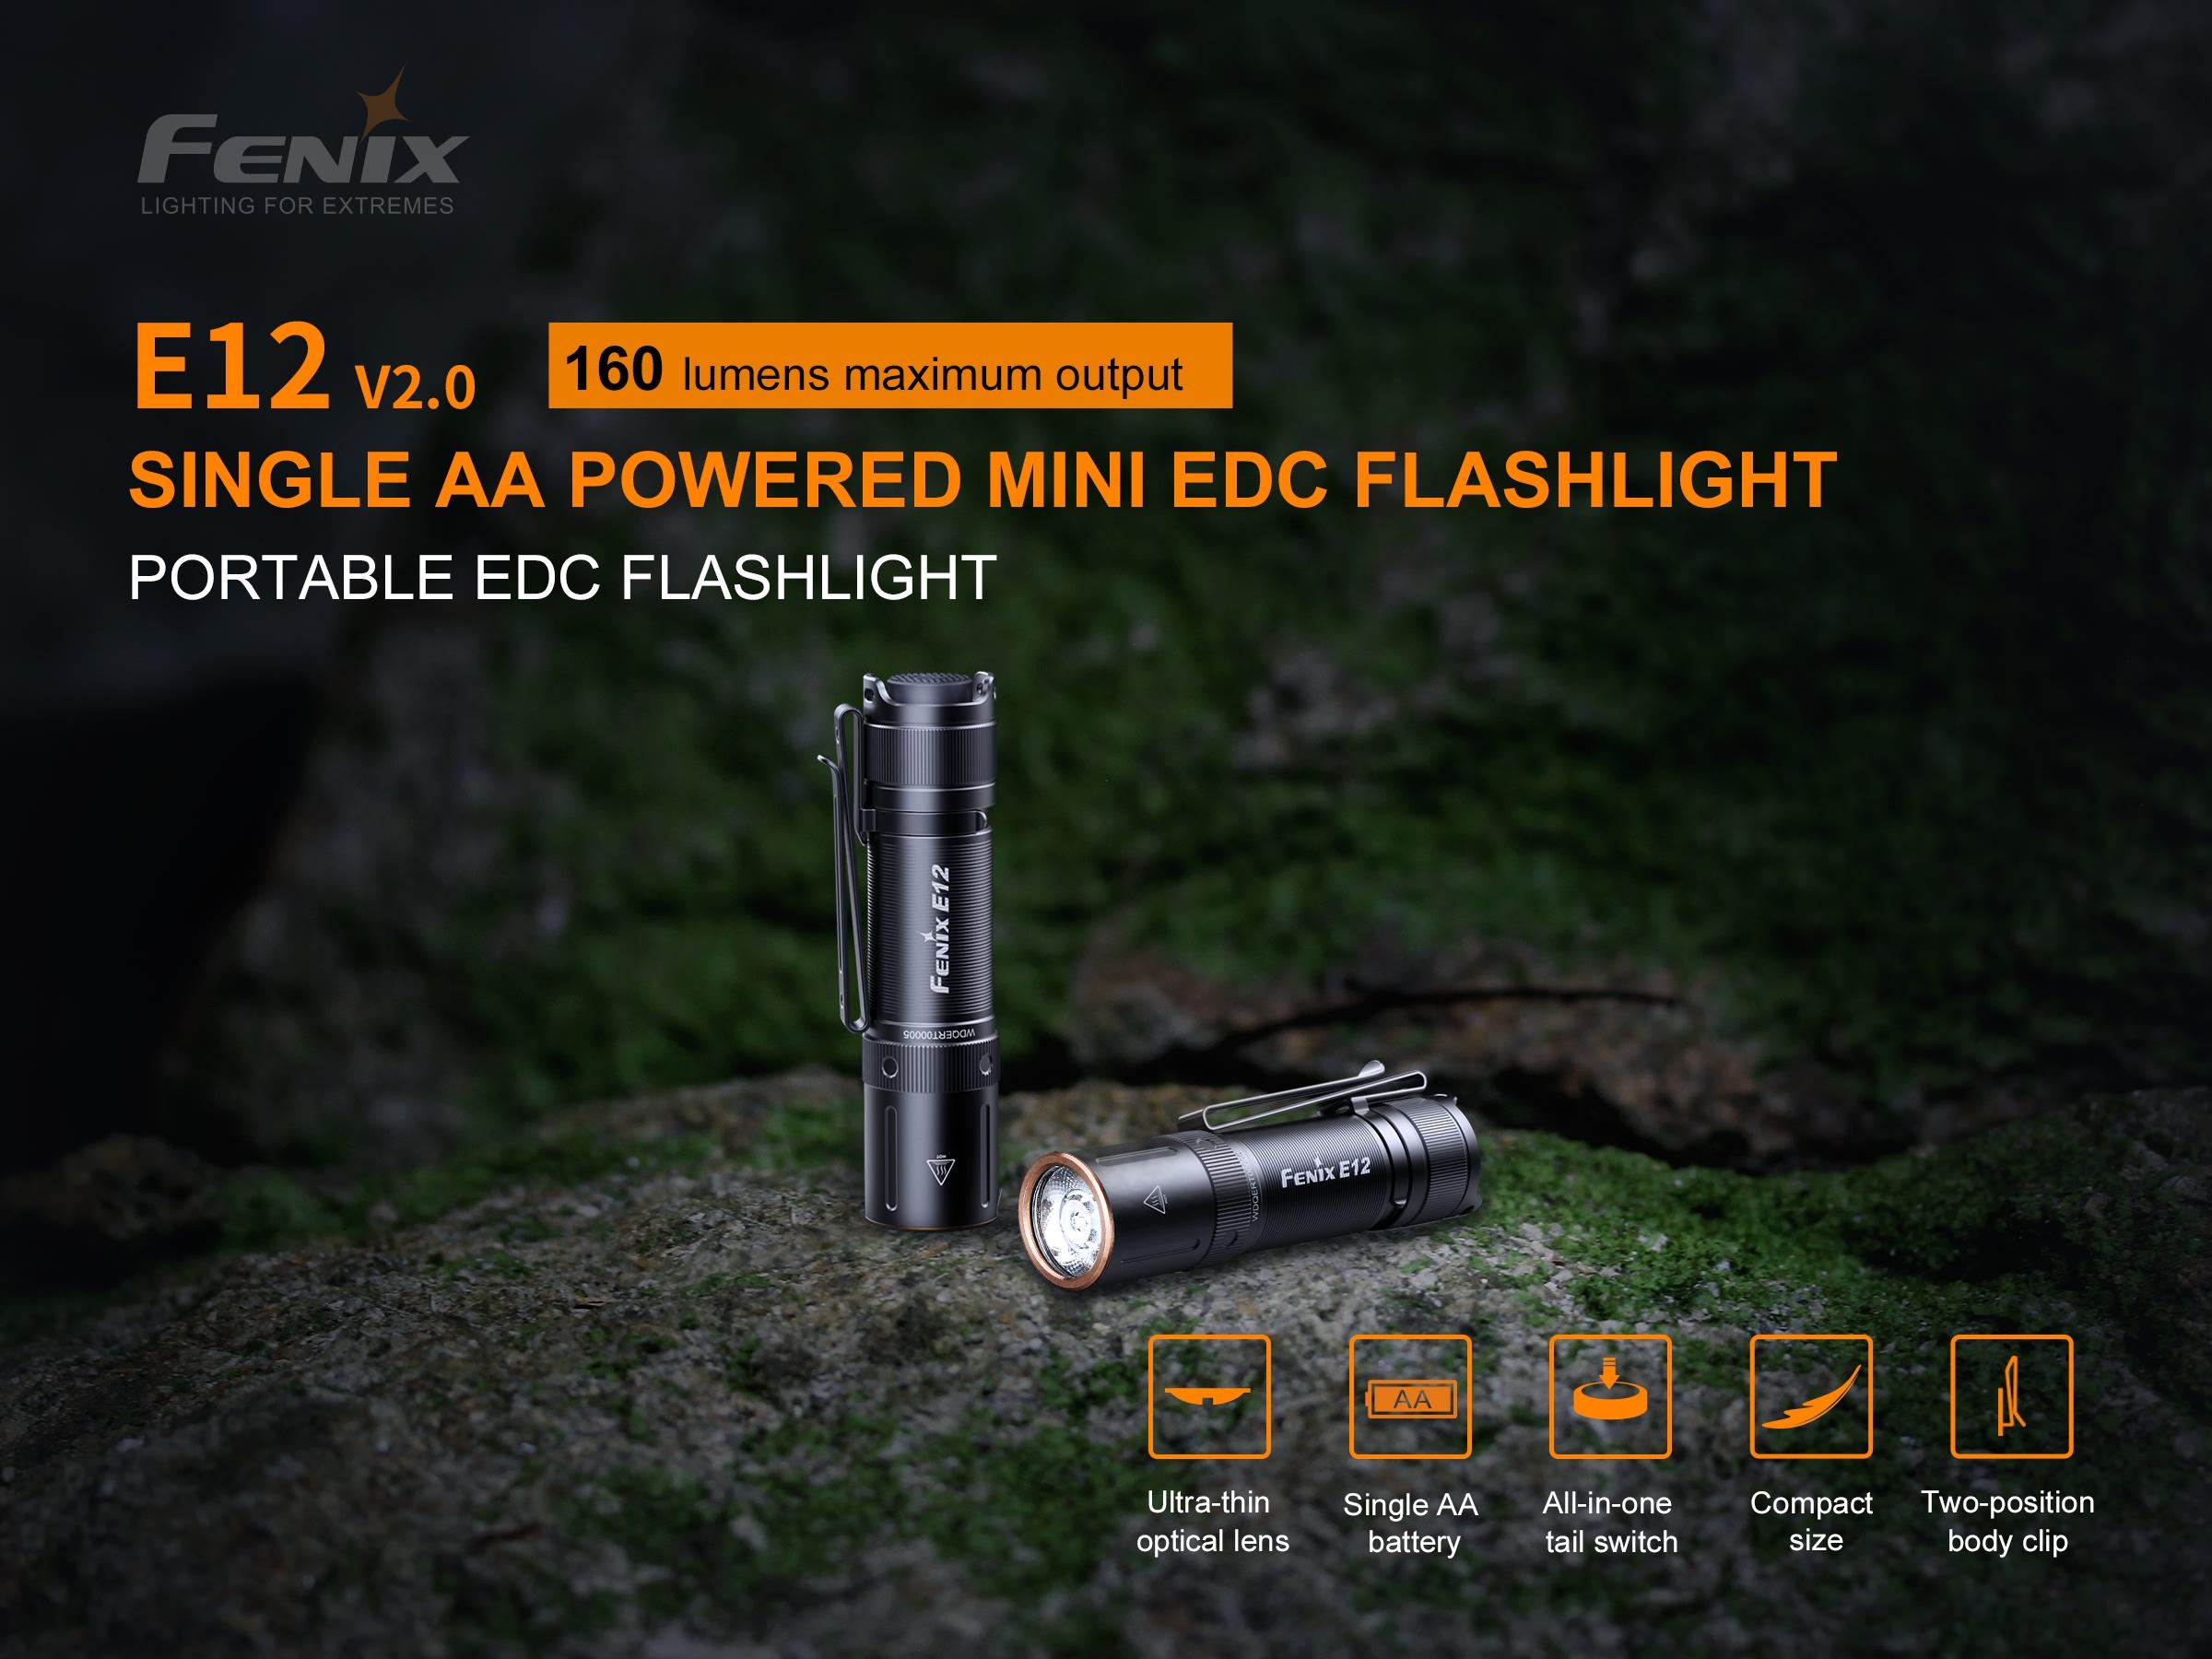 Fenix E12 V2 EDC Flashlight